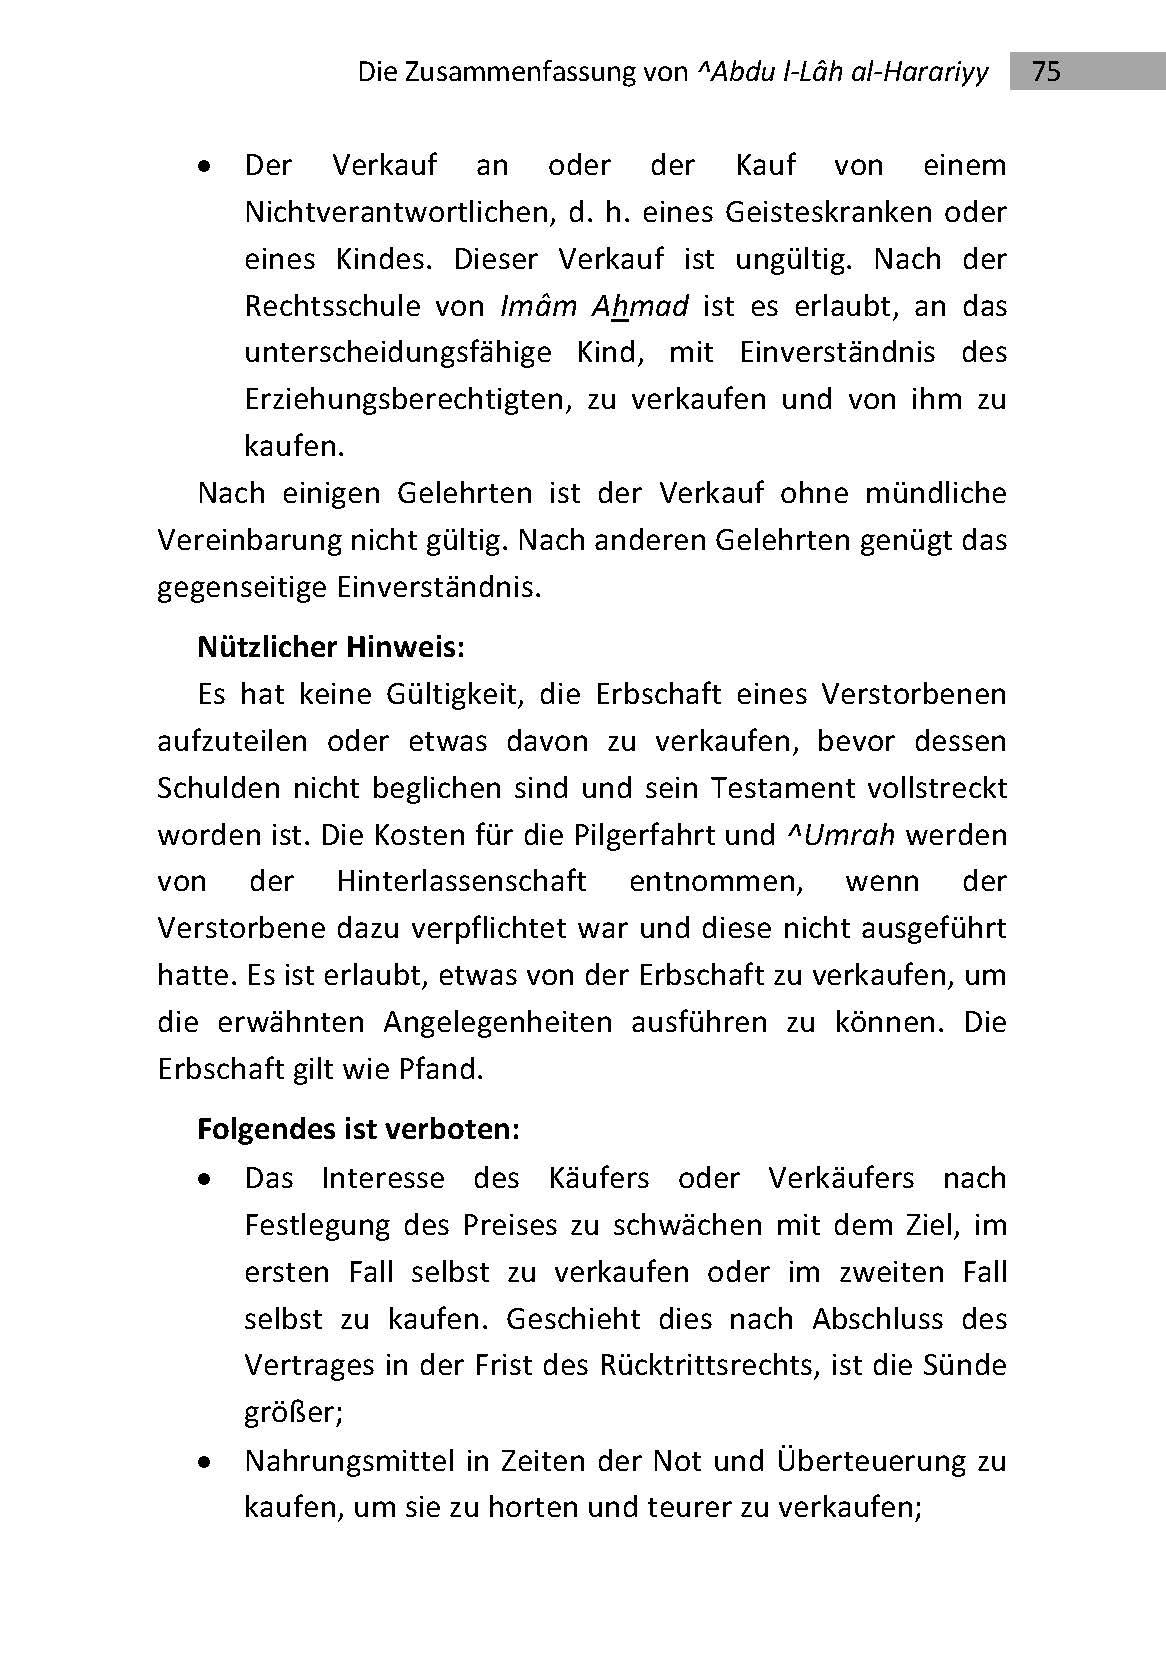 Die Zusammenfassung - 3. Auflage 2014_Seite_75